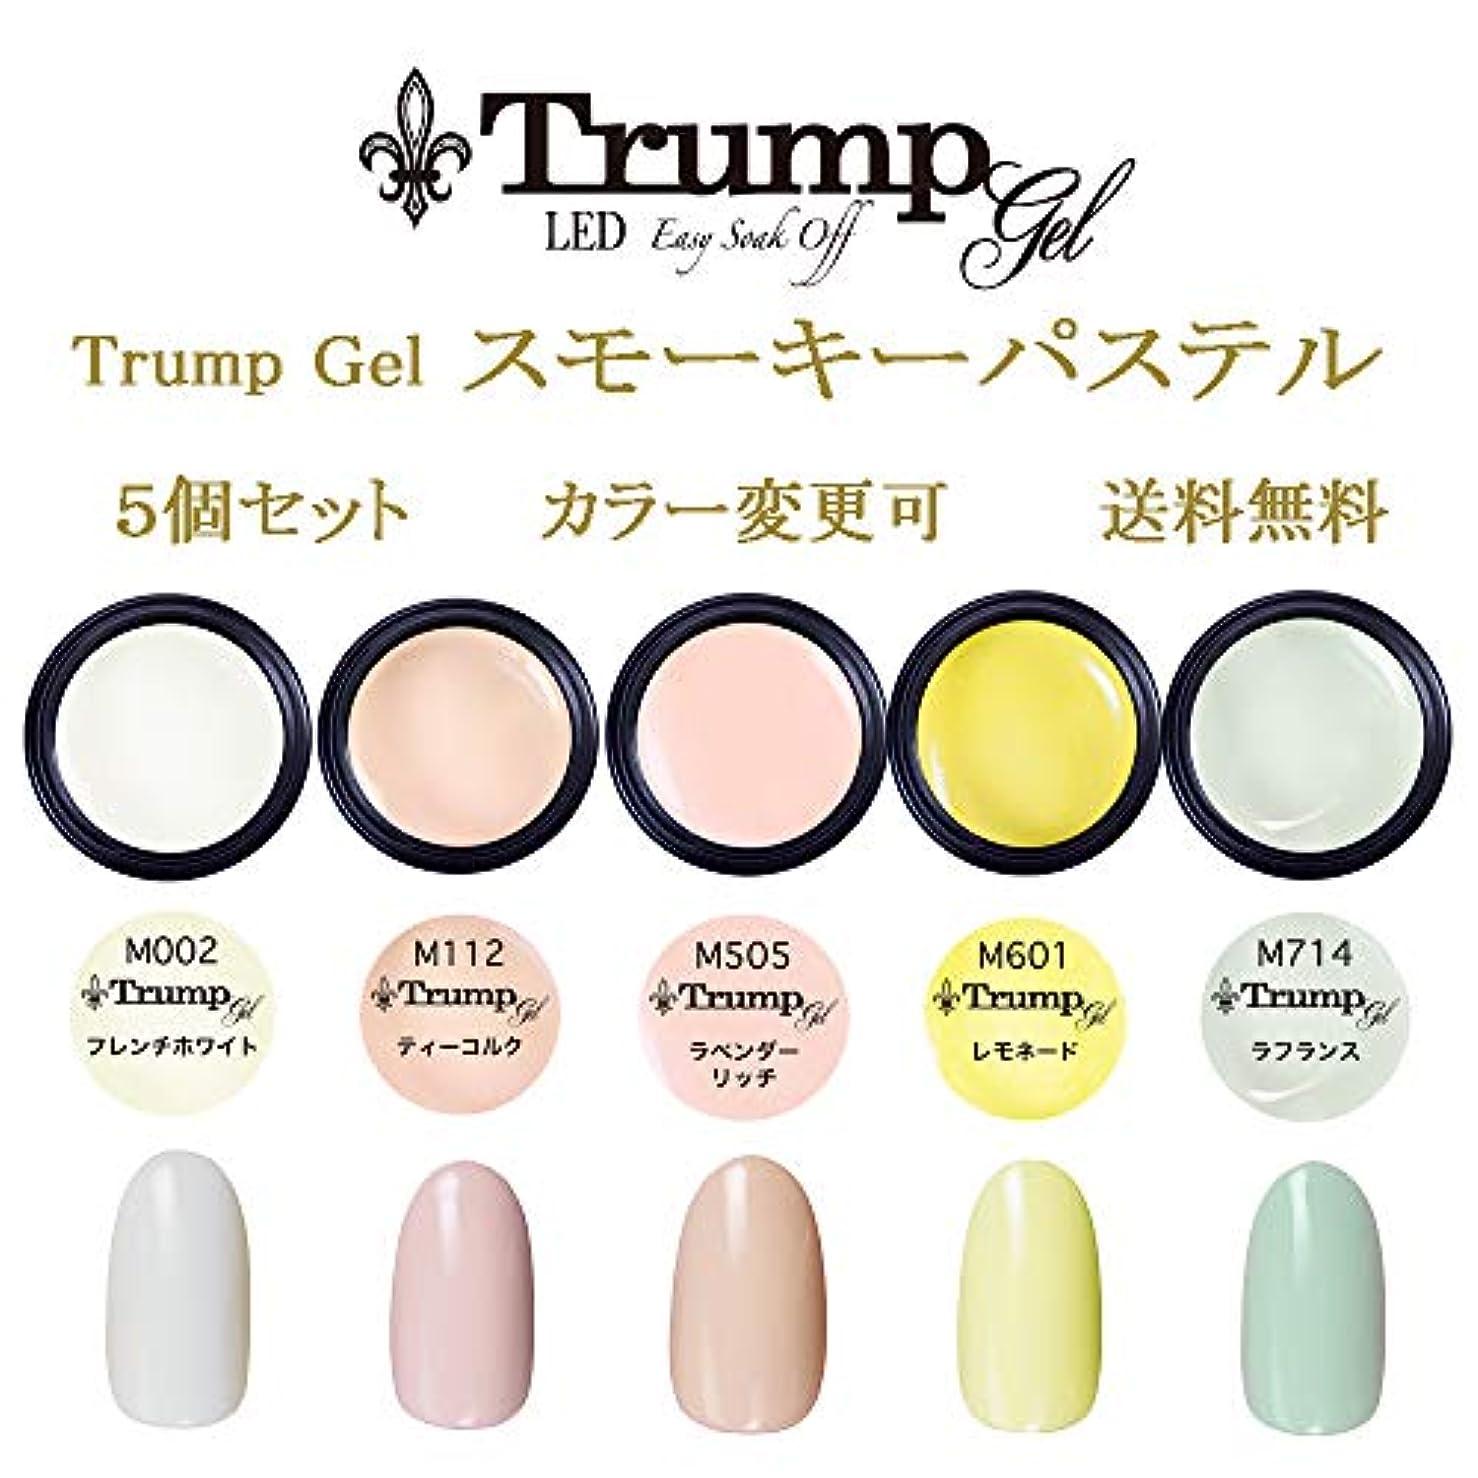 記事明らか相対的日本製 Trump gel トランプジェル スモーキー パステルカラー 選べる カラージェル5個セット ホワイト ベージュ ピンク イエロー グリーン